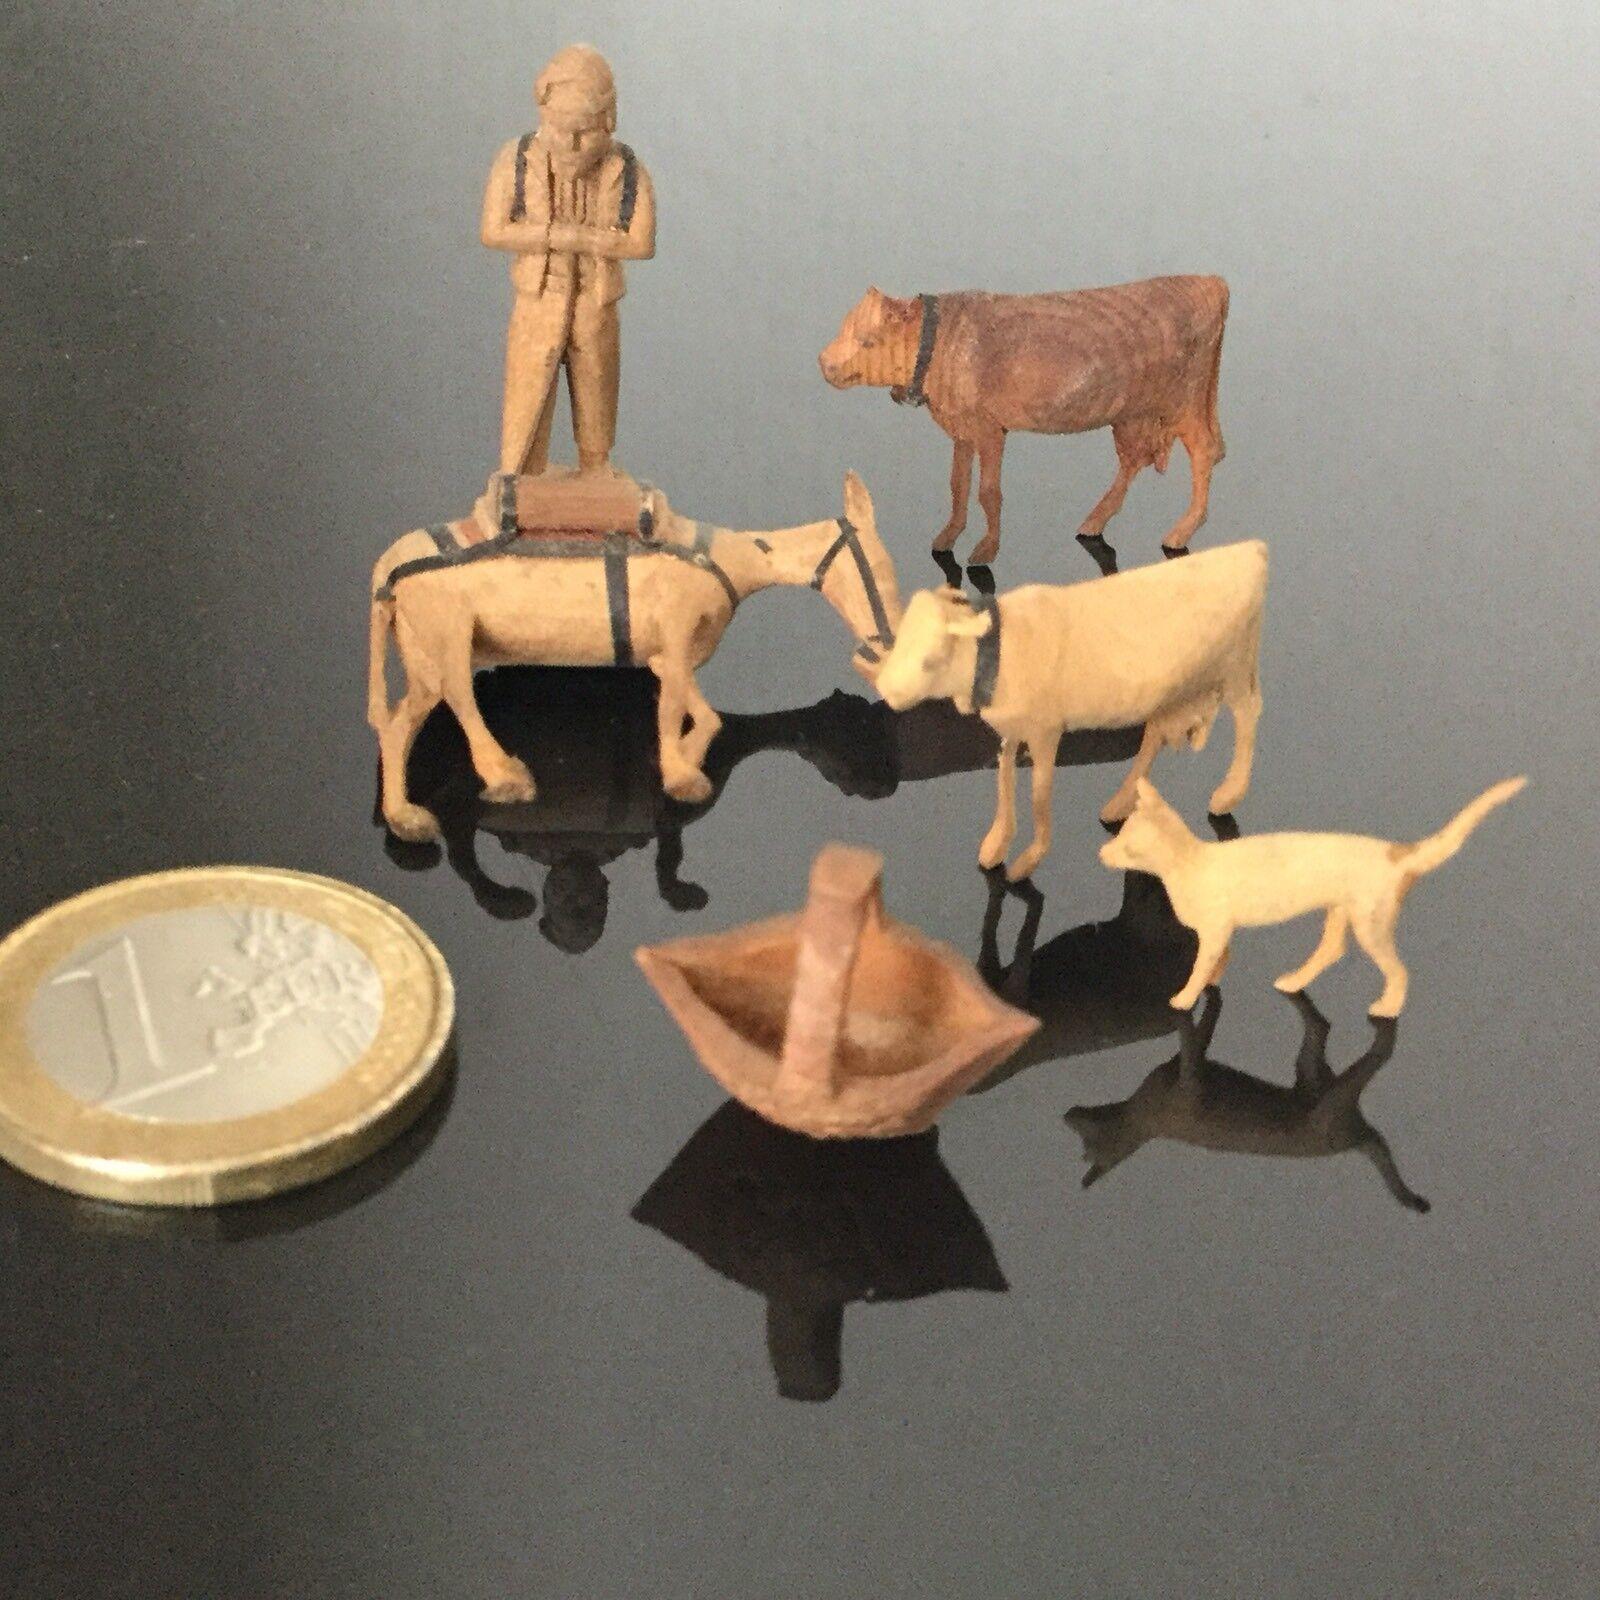 6 PIECES Miniature Bois Sculpté XIXè Maison Poupée Mignonette Victorian Doll 19C